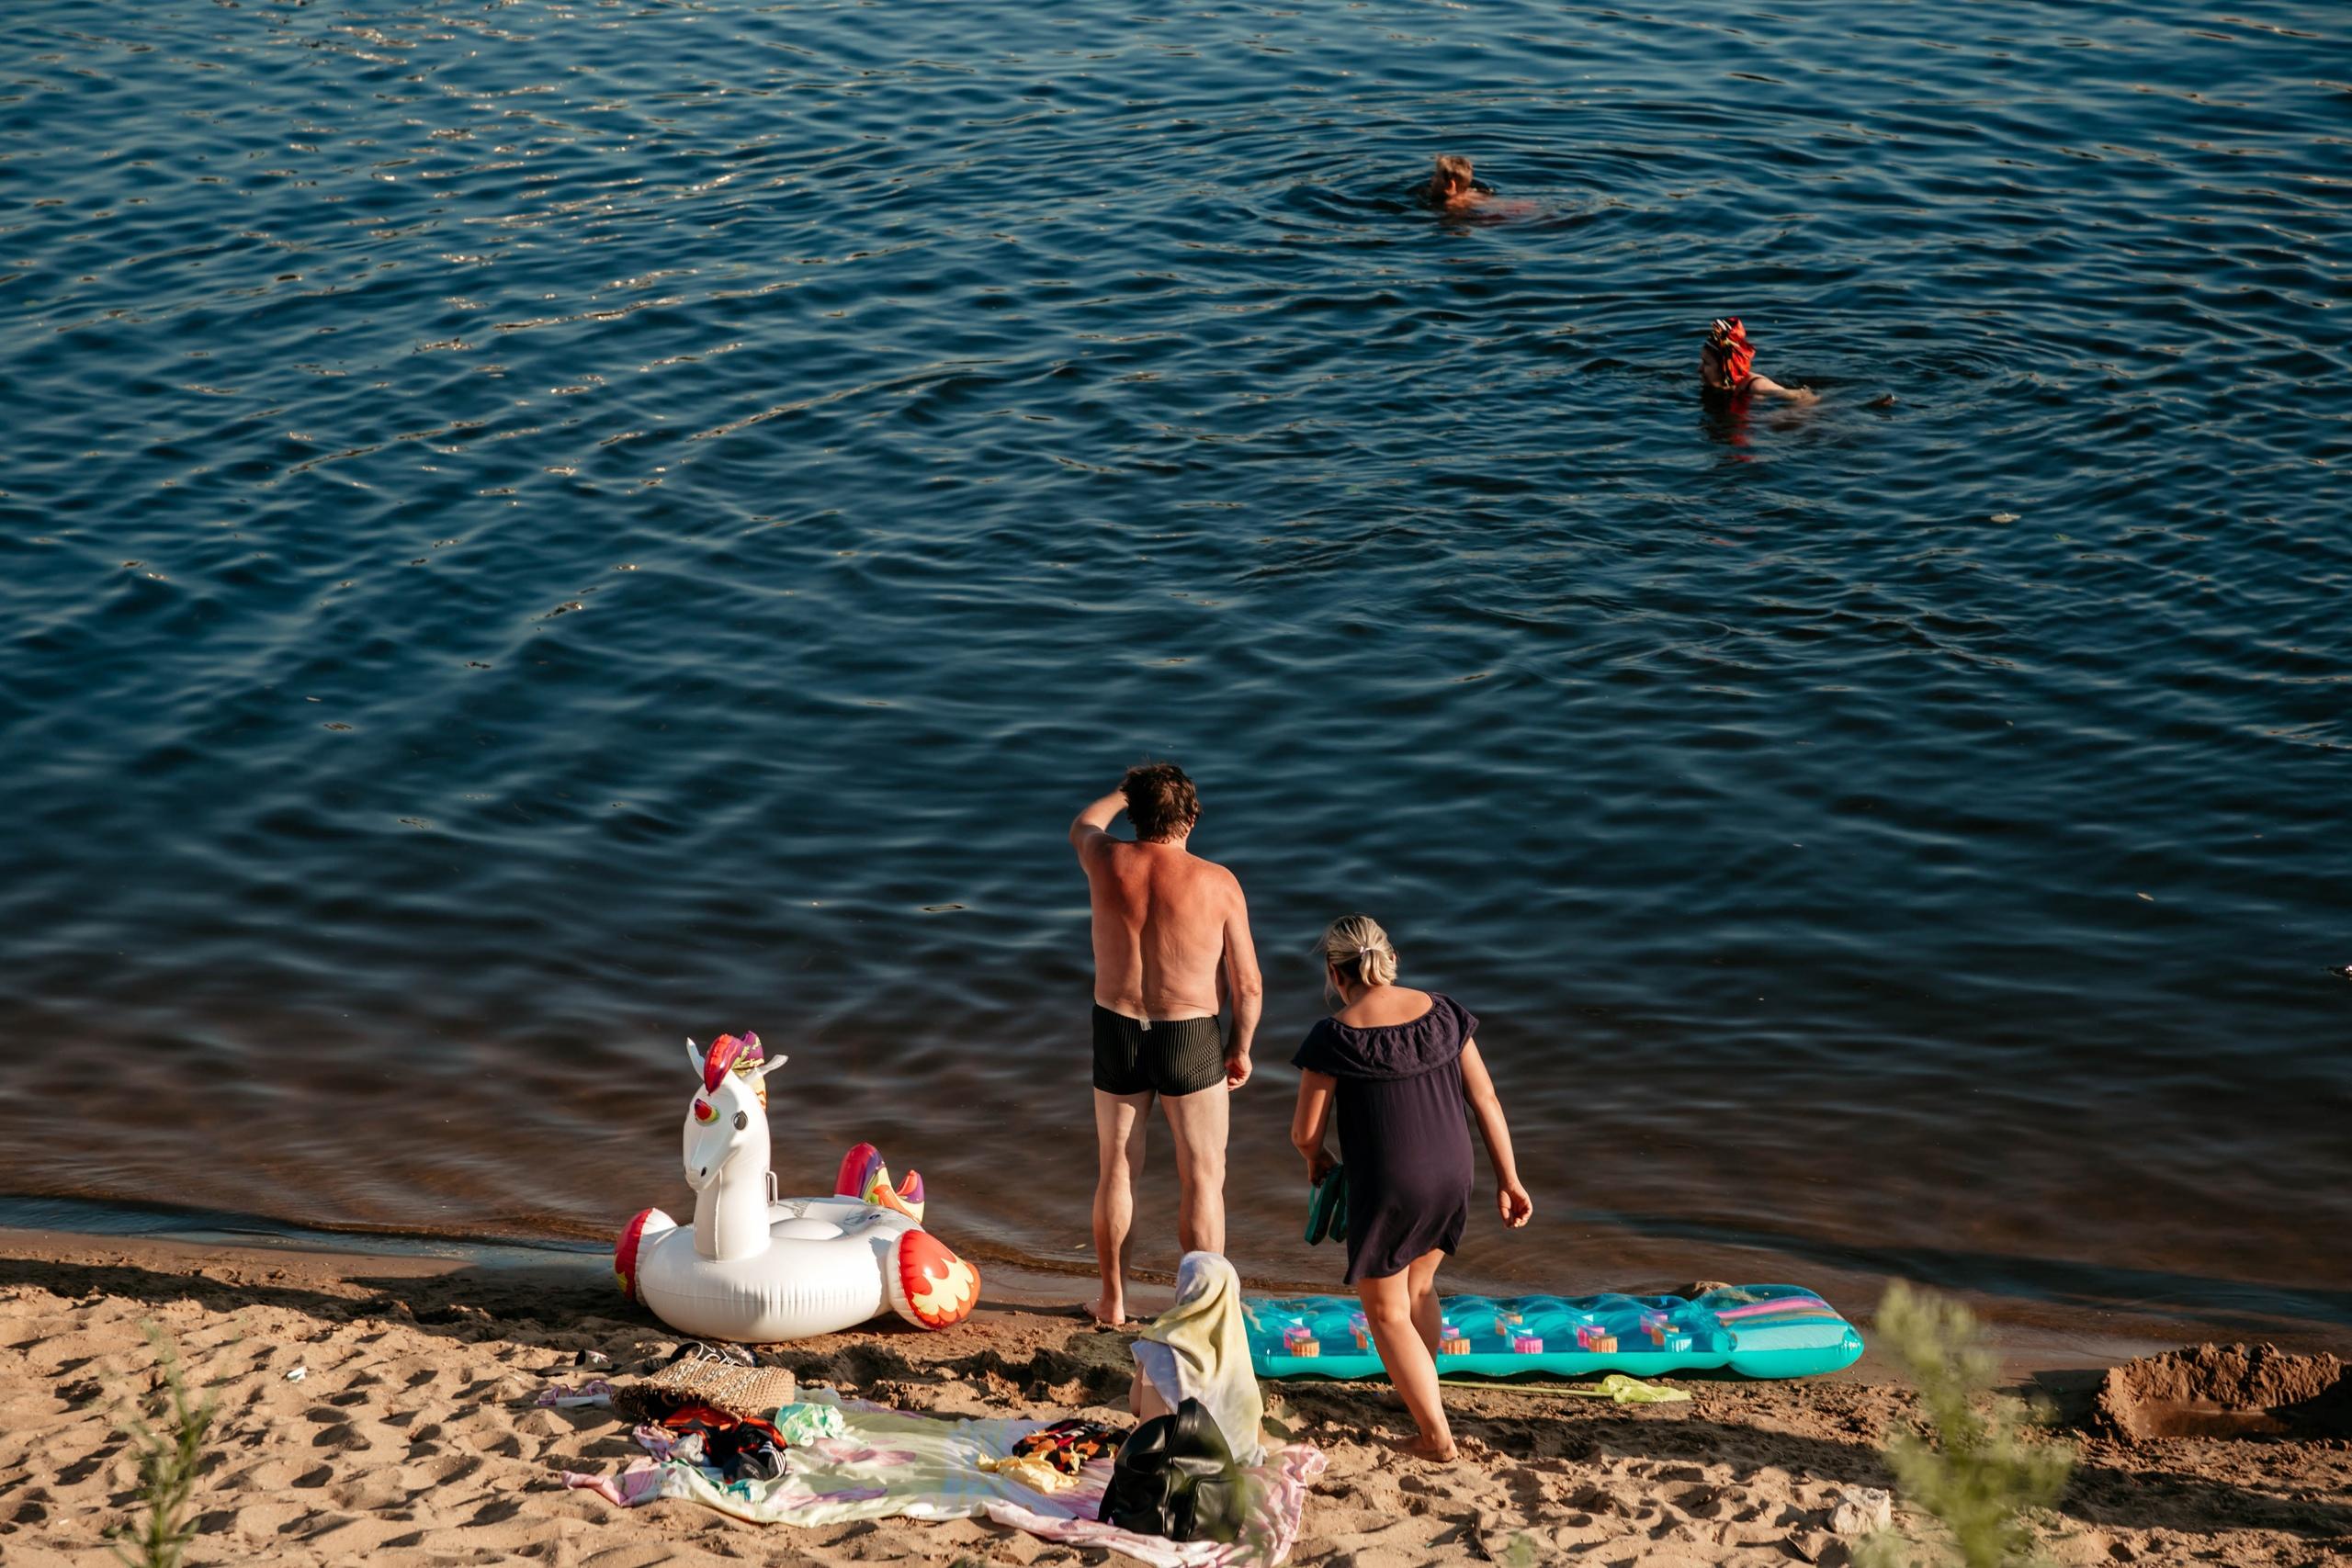 На пляжах Тверской области активно воруют мобильные телефоны